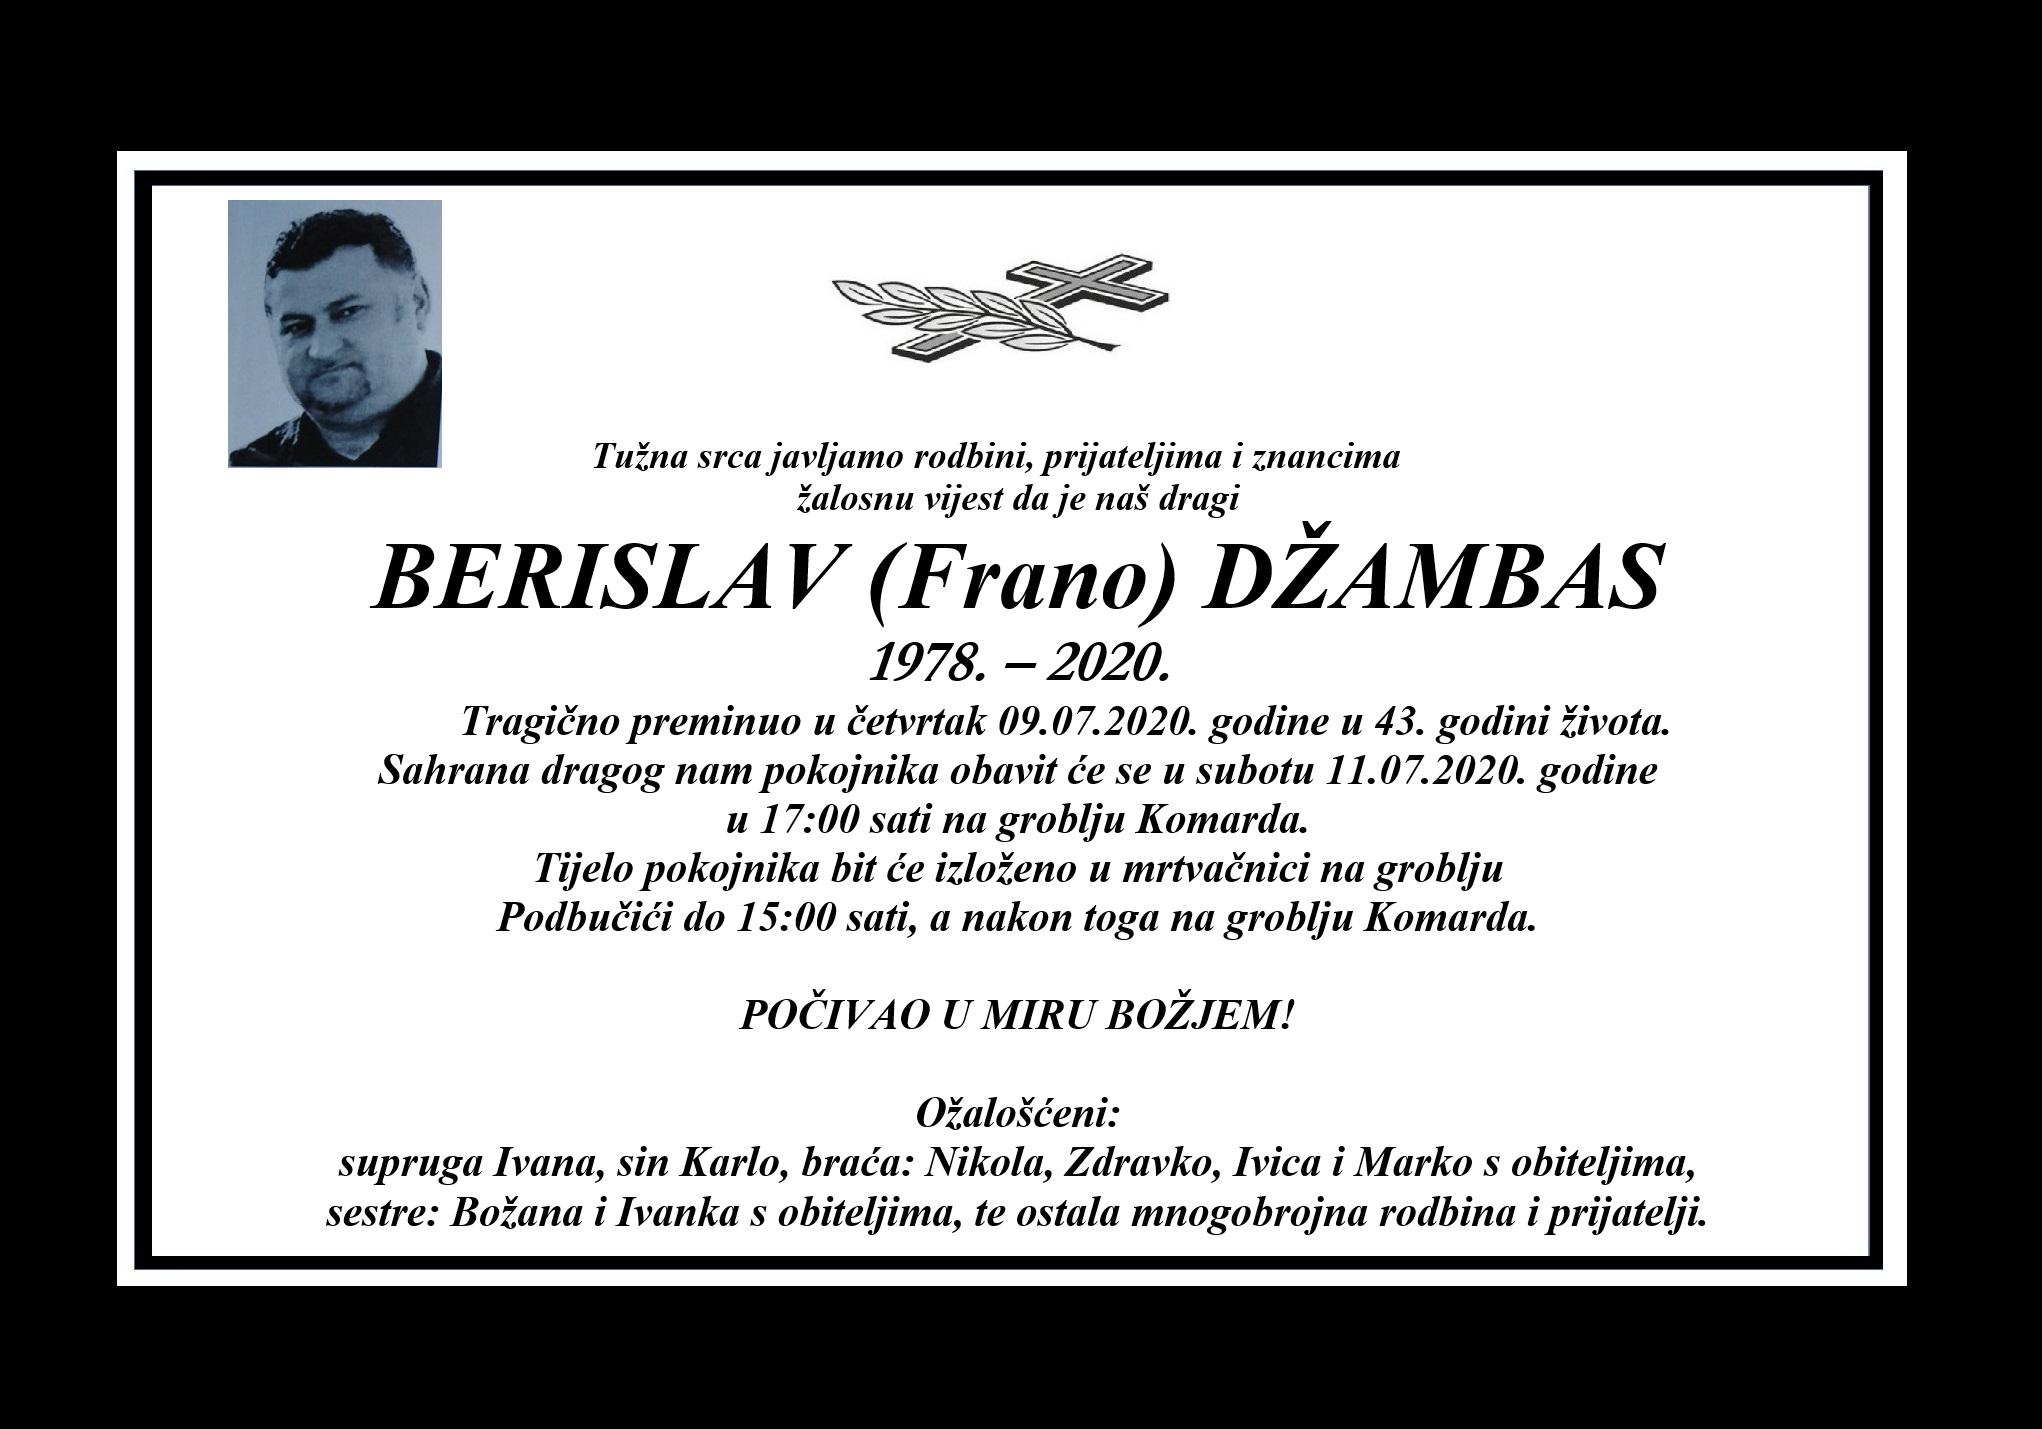 Berislav (Frano) Džambas